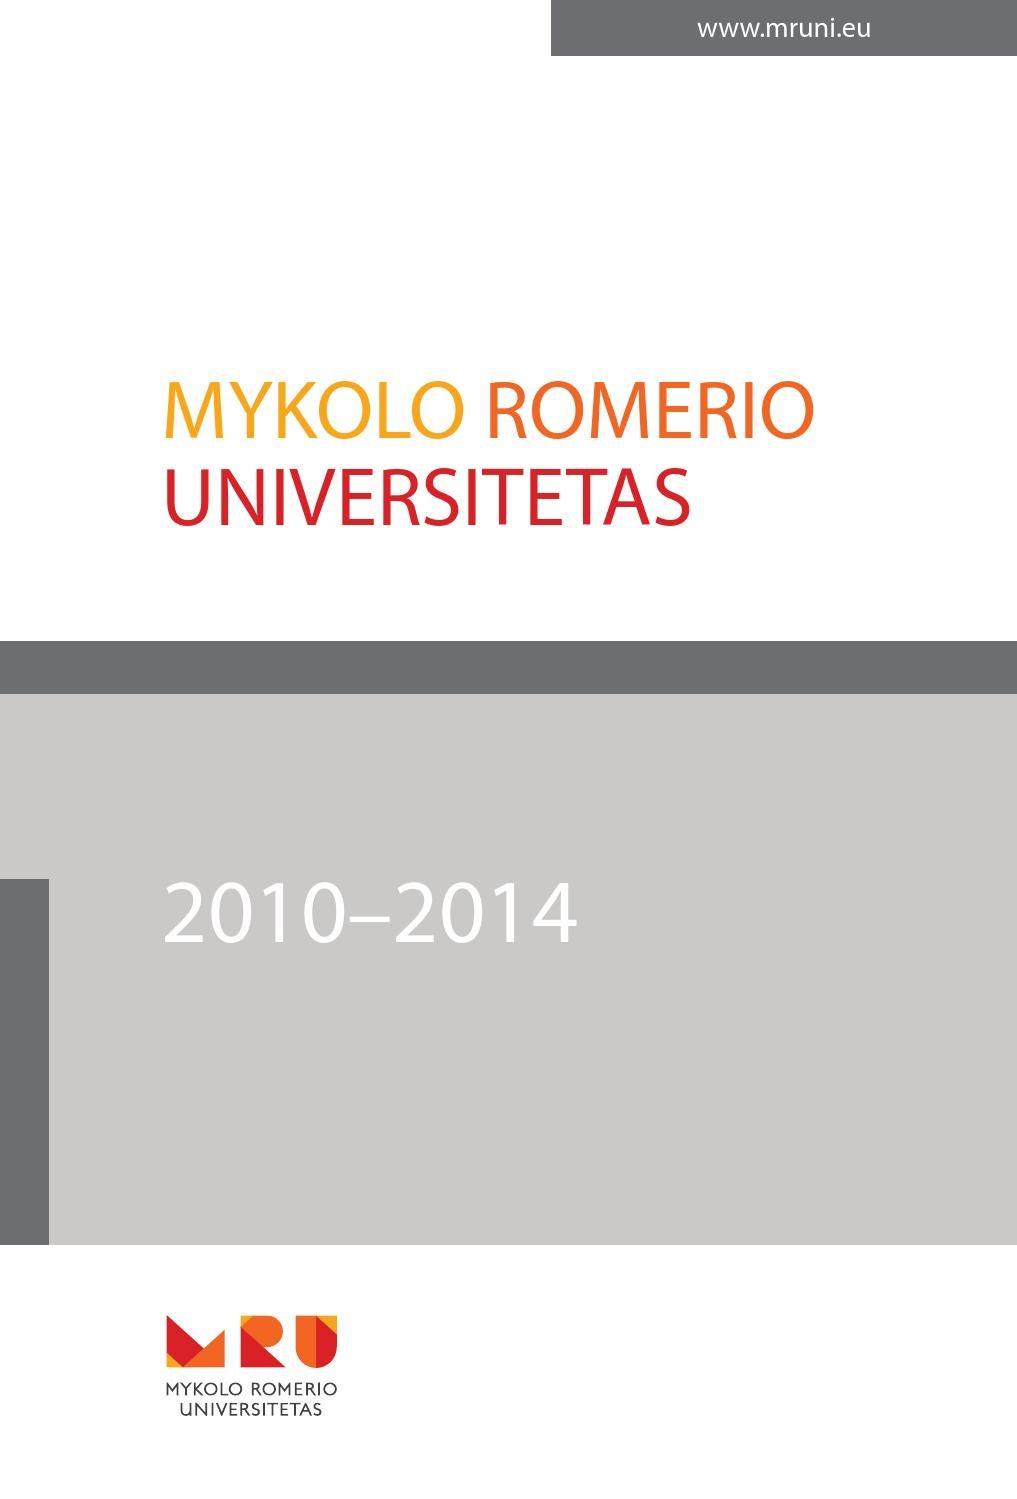 mančesterio universiteto strategija 2021 m)